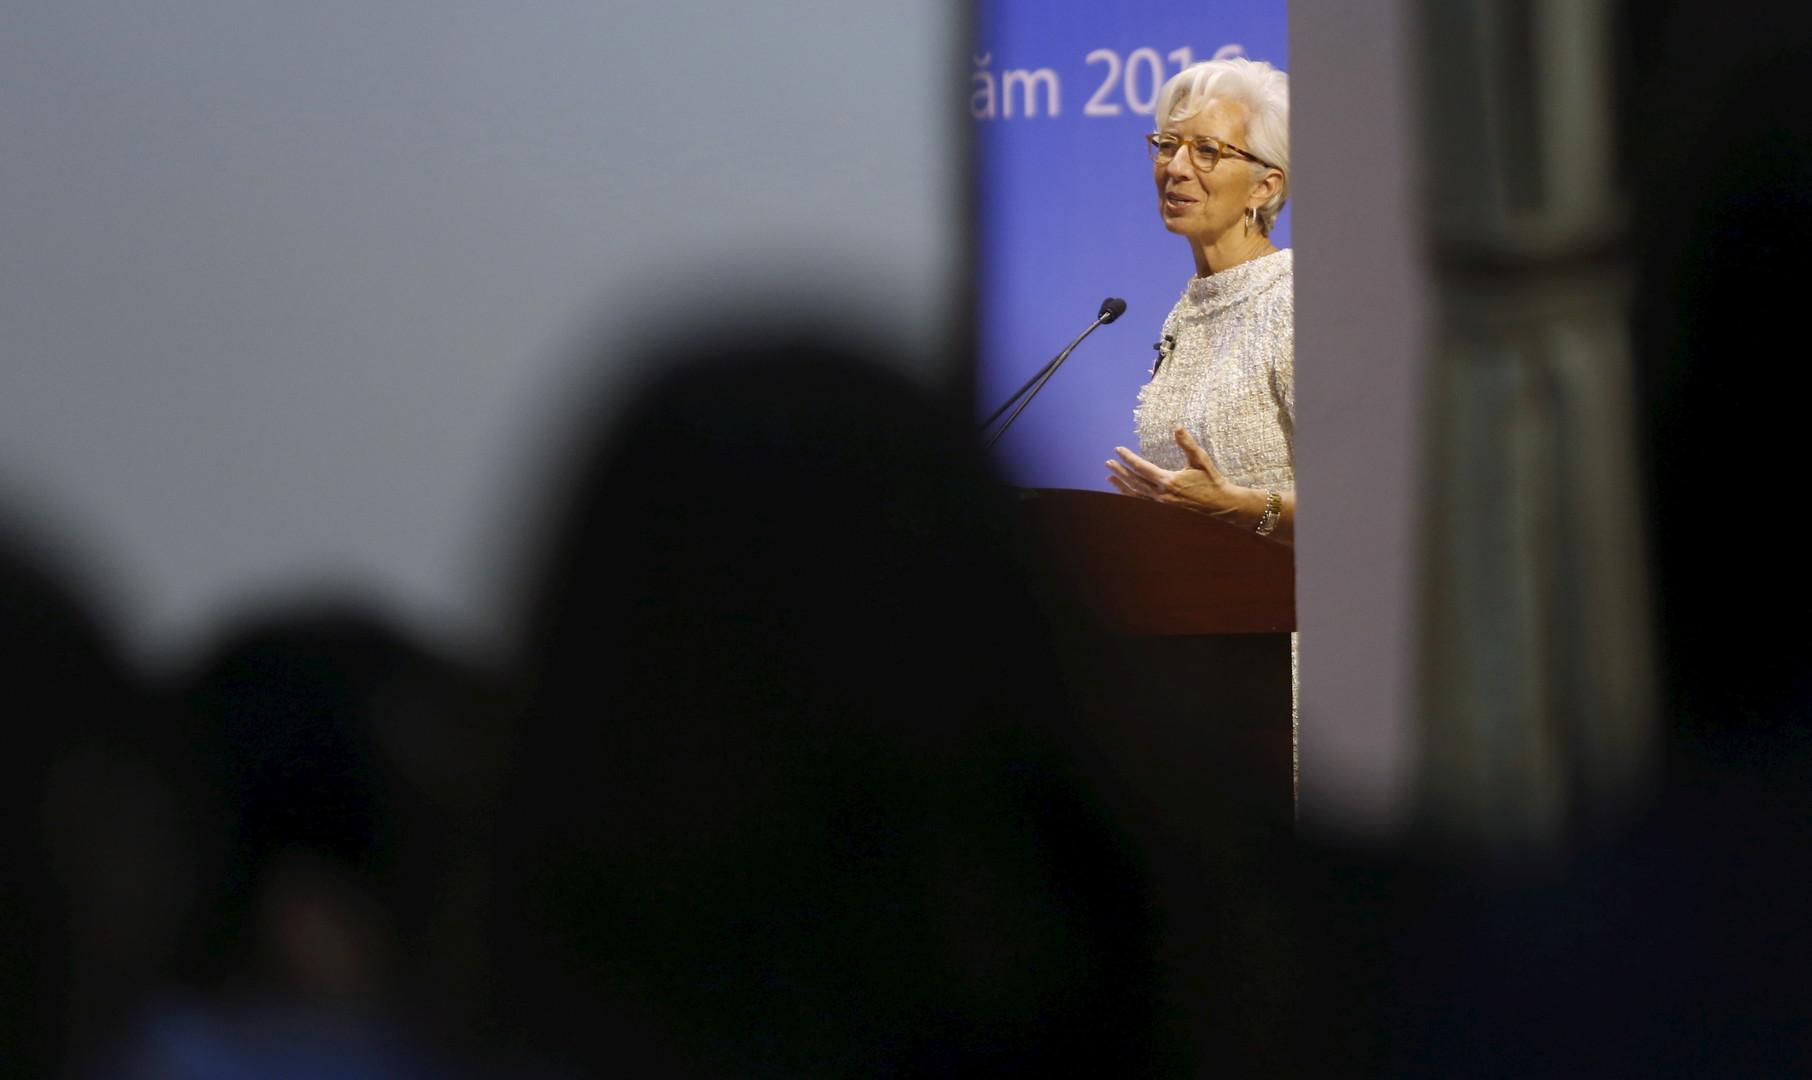 Суд во Франции требует судебного преследования главы МВФ Кристин Лагард